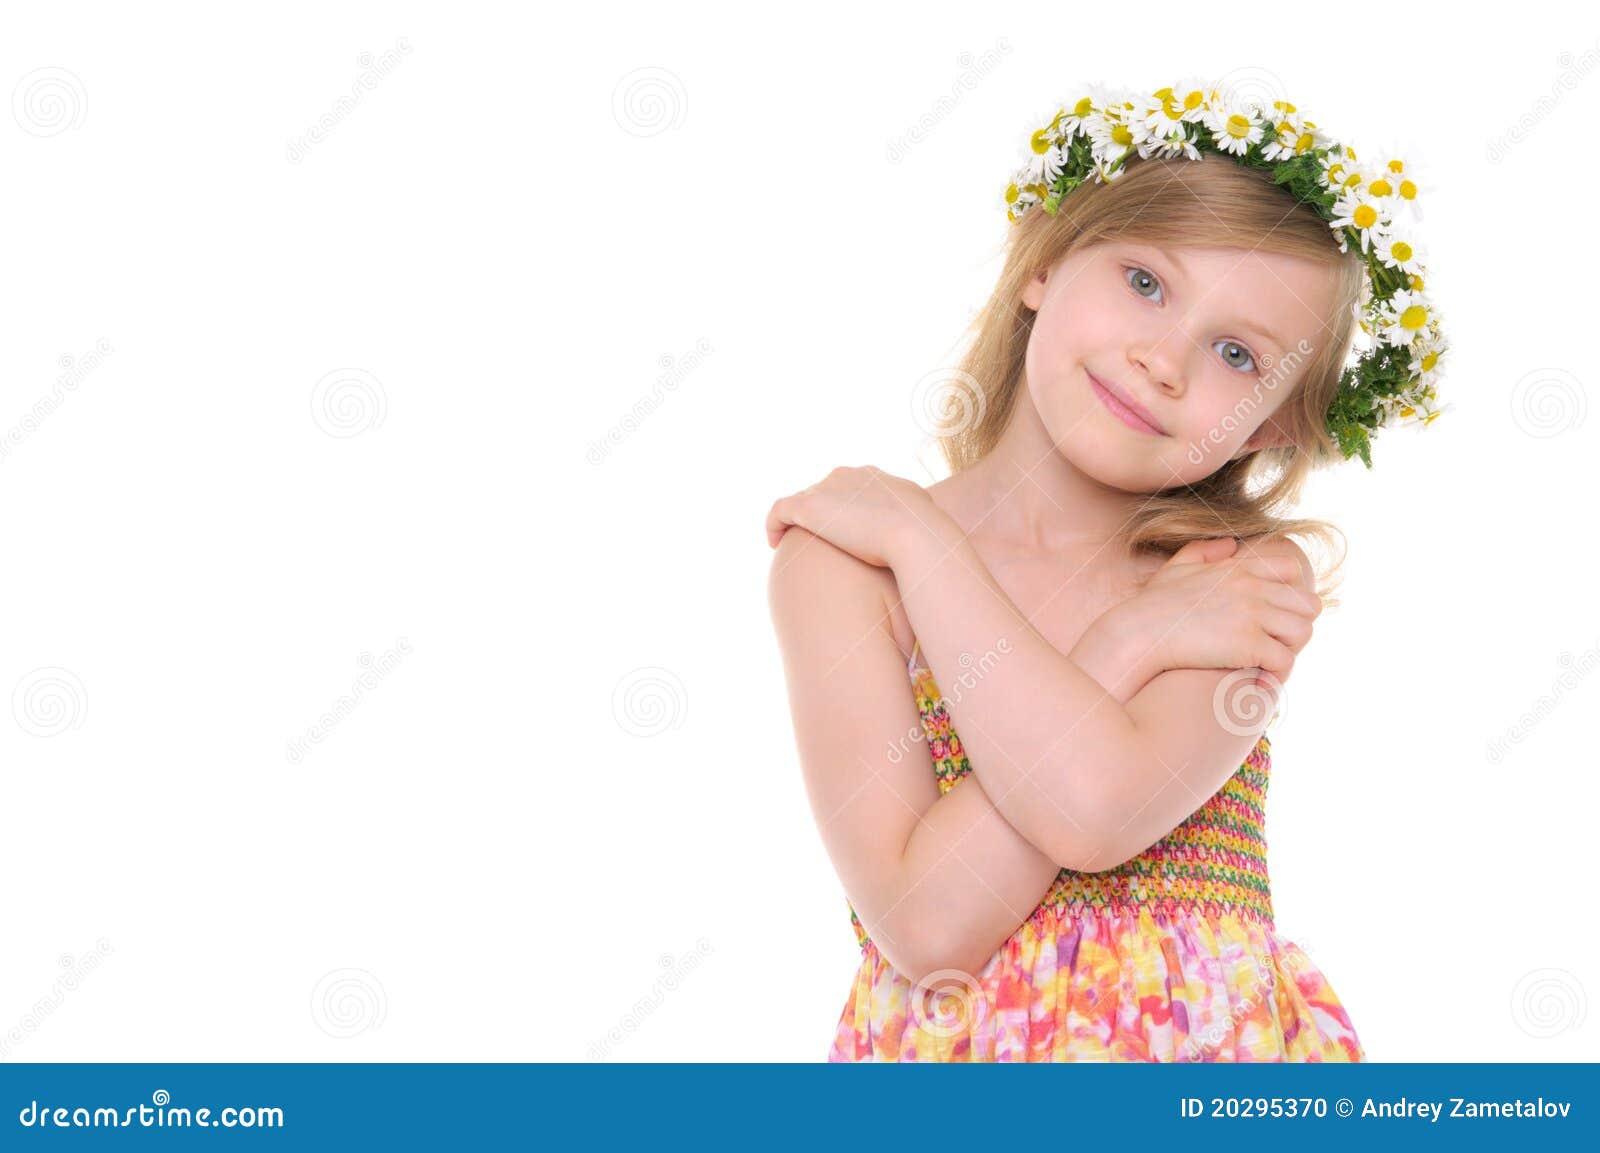 Stokrotek dziewczyny szczęśliwy wianek